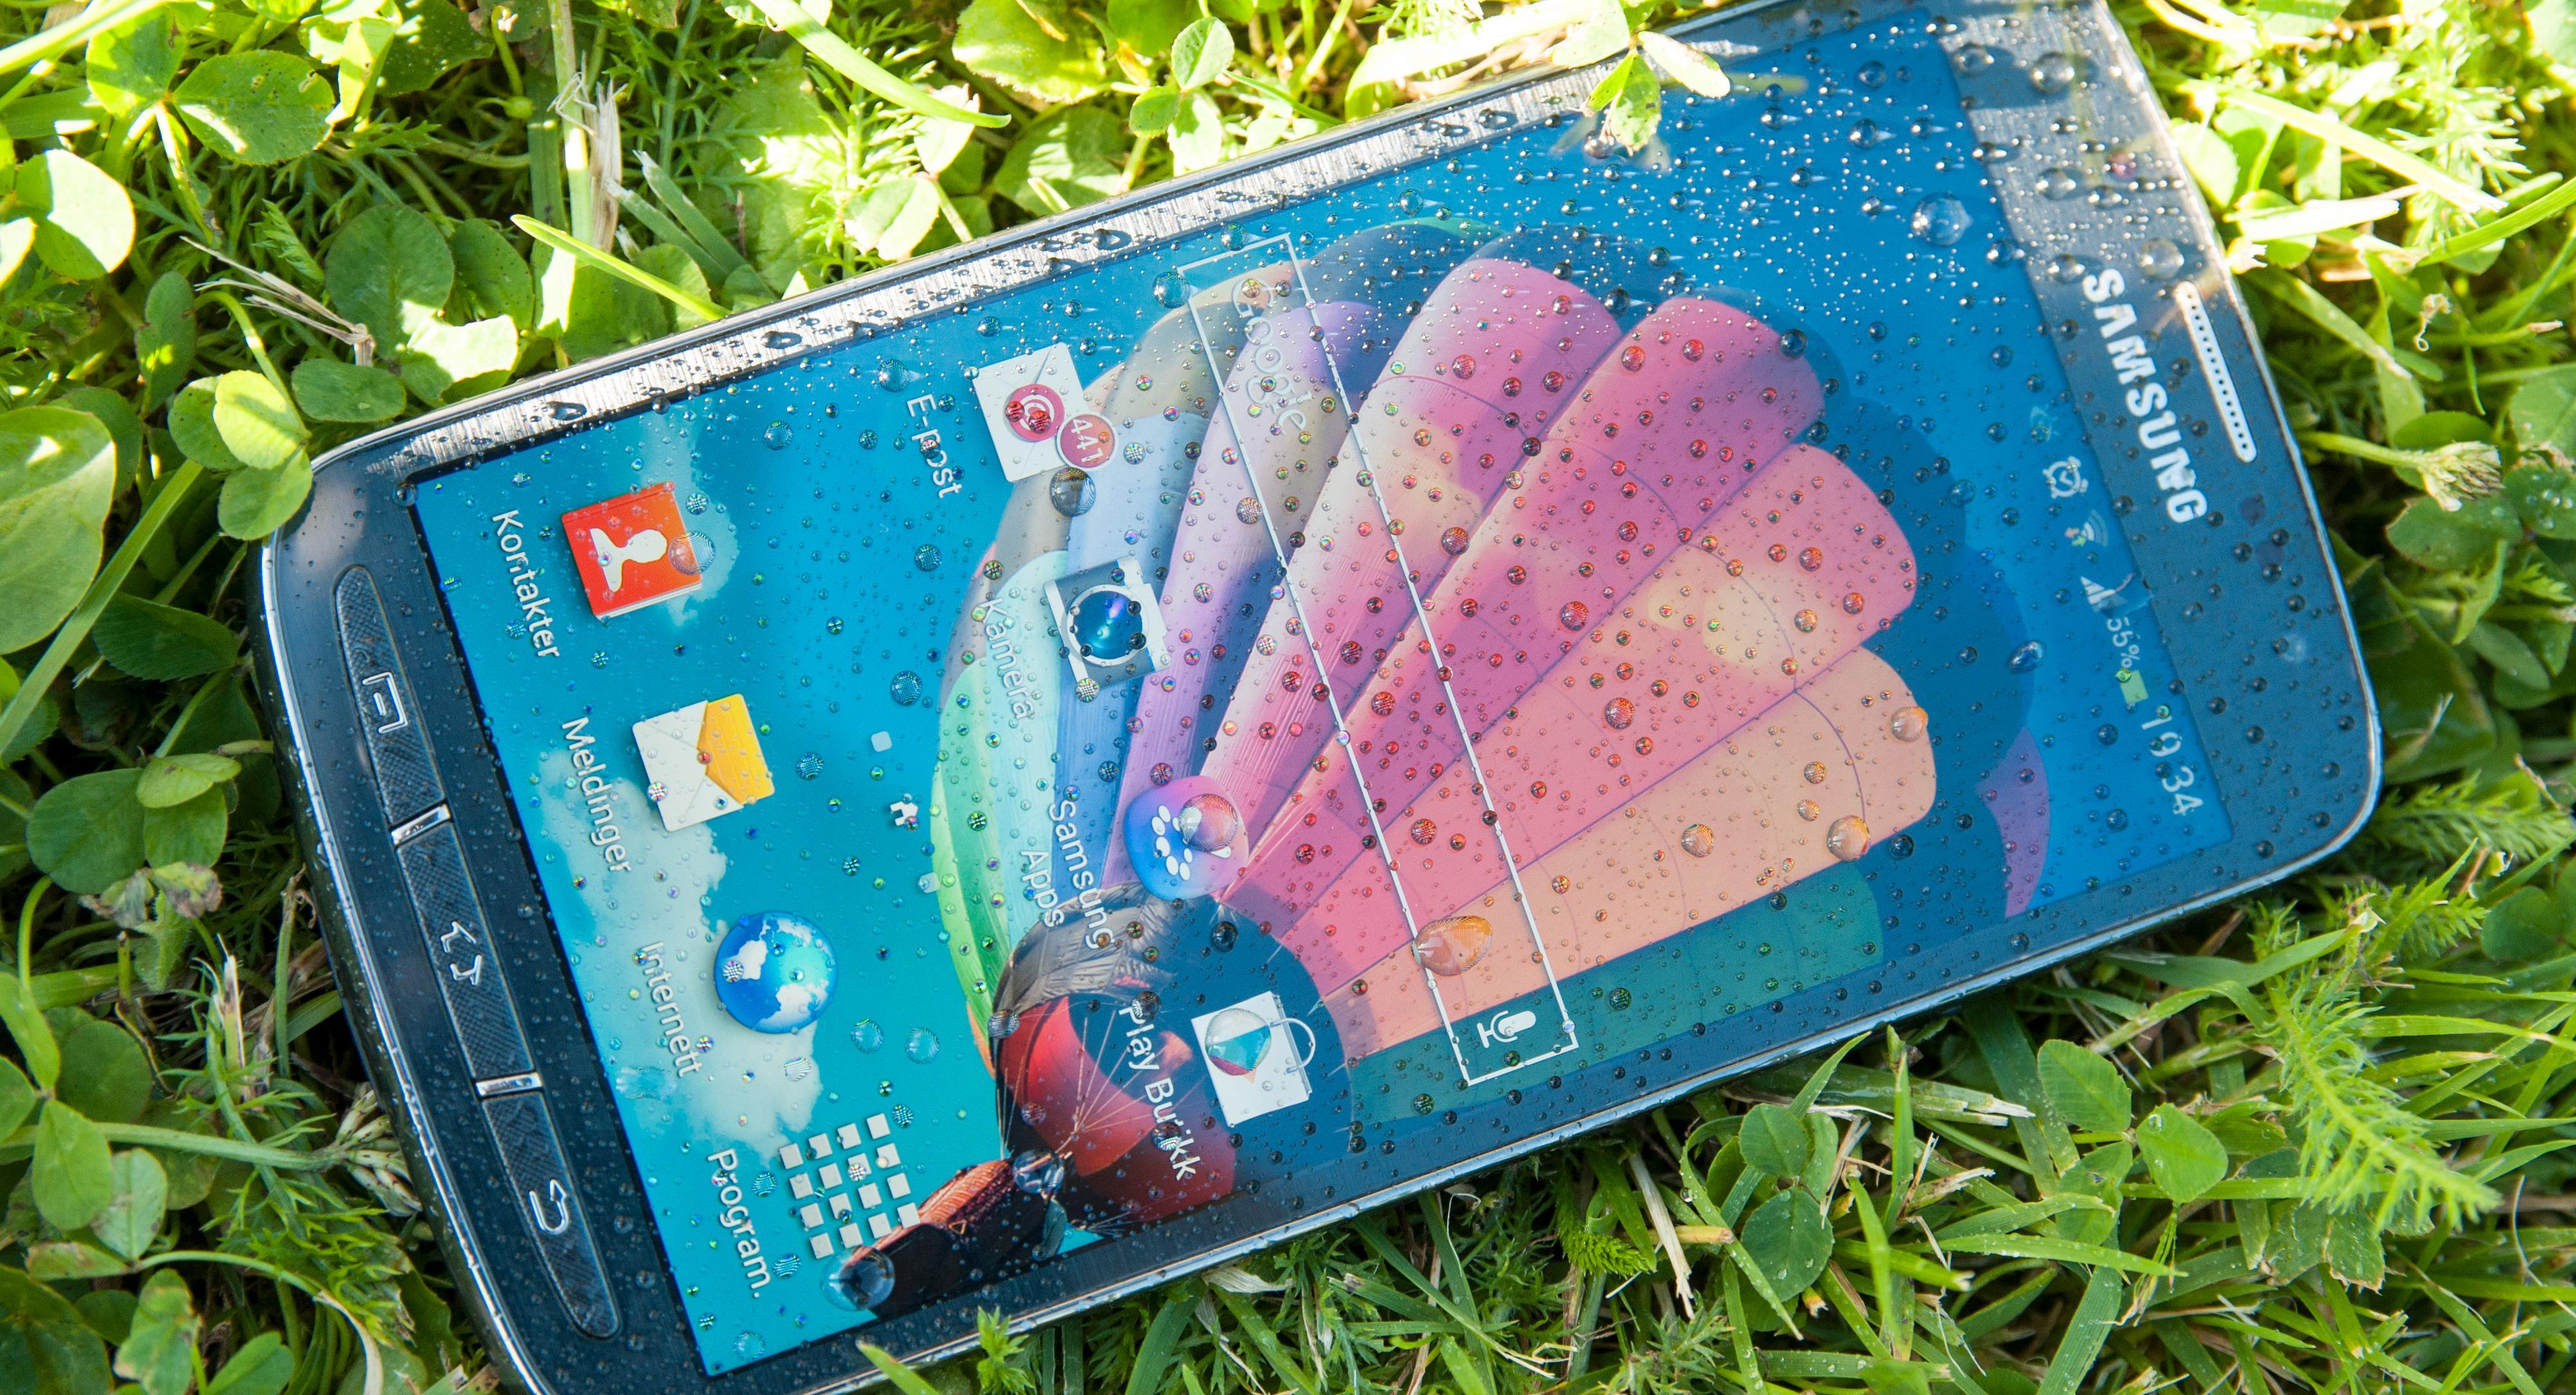 Samsung S4 Active er en mobiltelefon som tåler vann. Den har mange av de samme egenskapene som toppmodellen S4, men et litt enklere kamera og litt kraftigere chassis. Les merFoto: Finn Jarle Kvalheim, Amobil.no